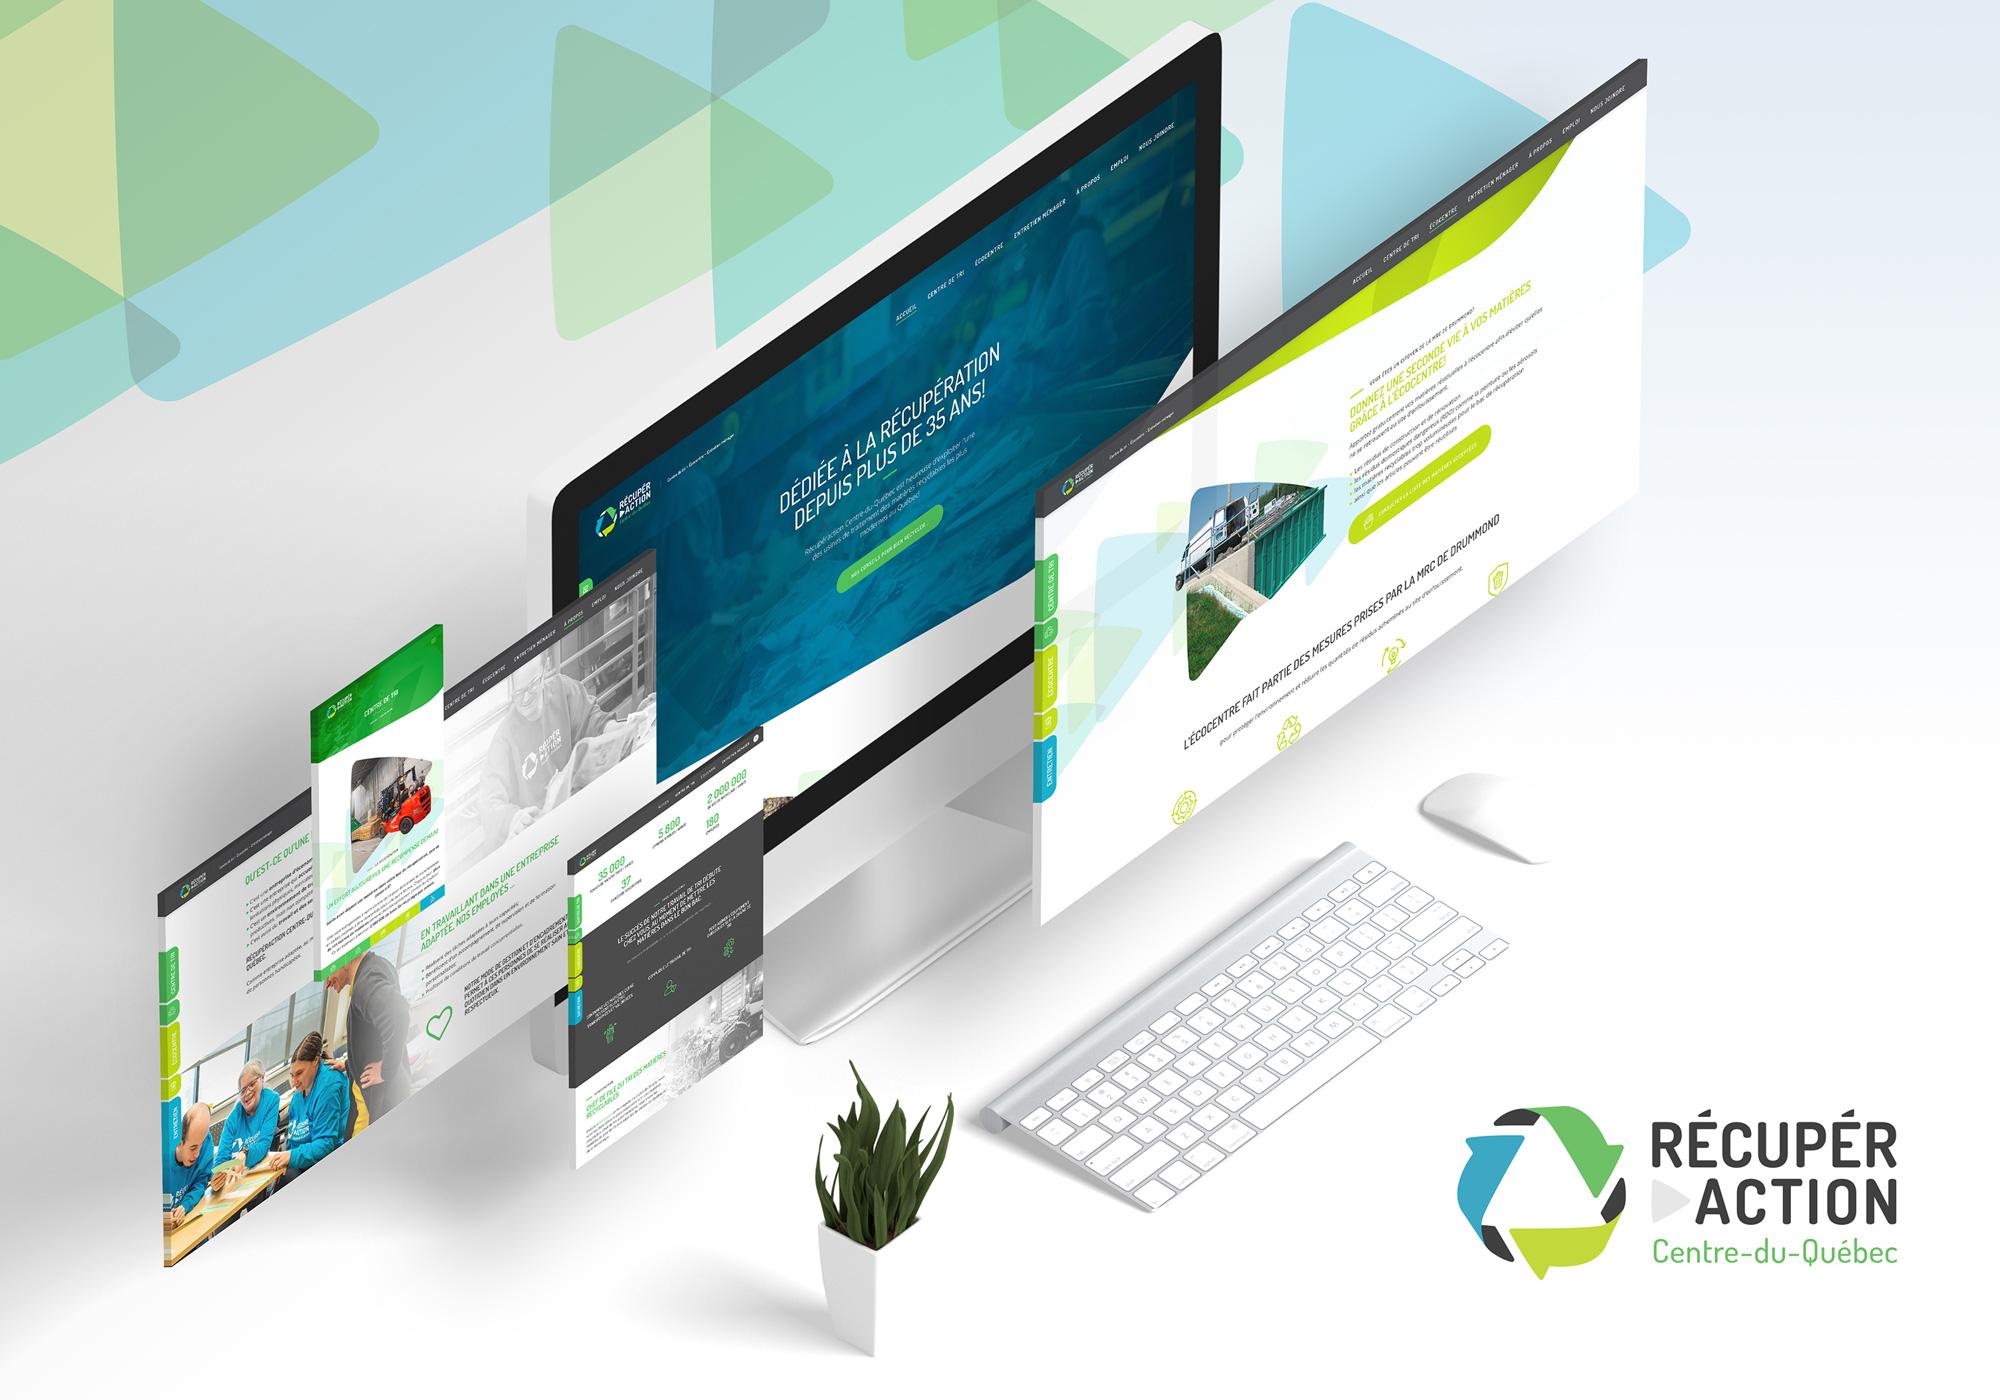 Fagnan relations publiques a réalisé le nouveau site internet responsive et l'optimisation SEO de Récupéraction Centre-du-Québec